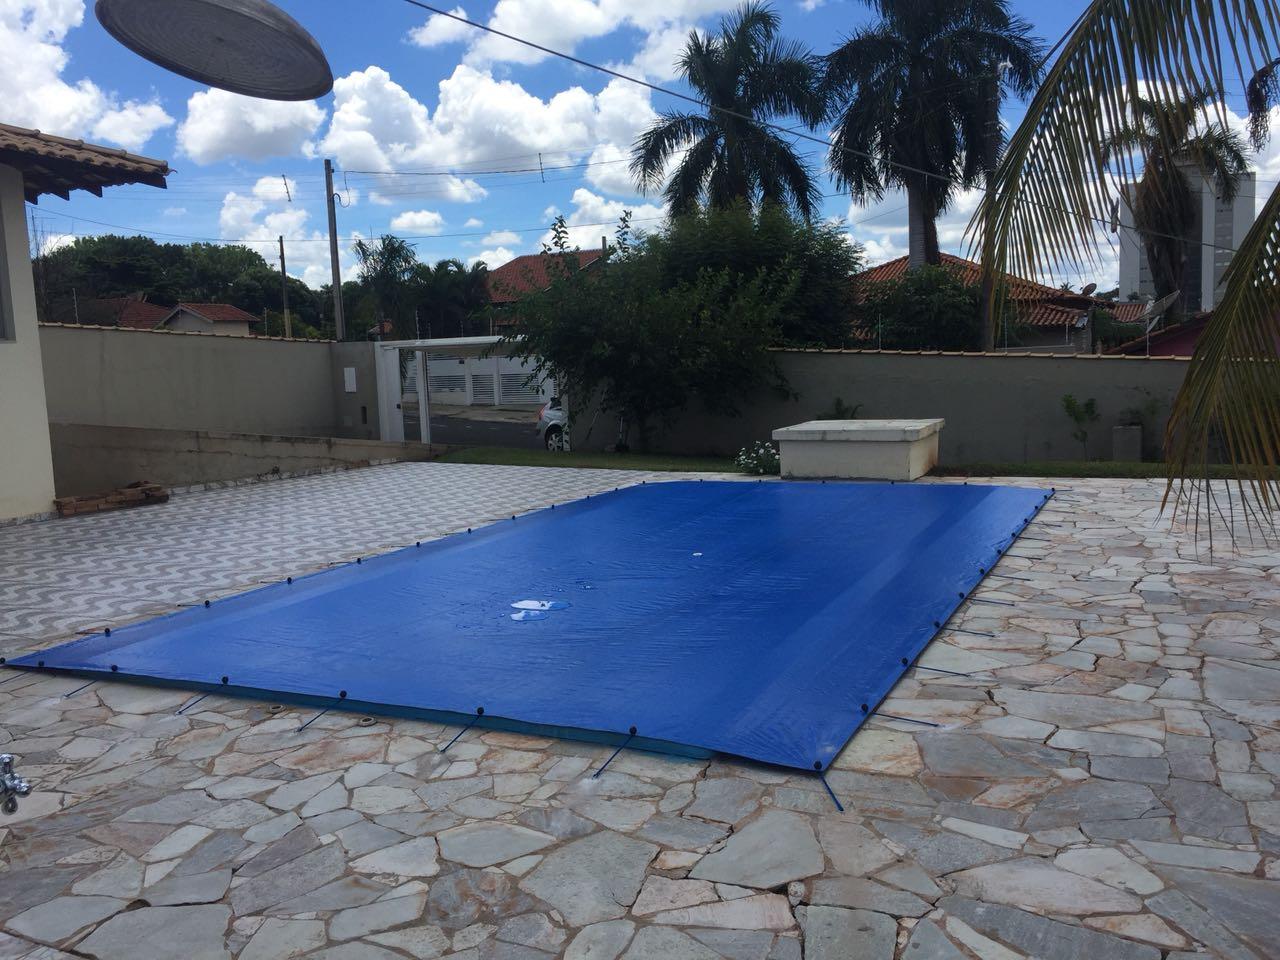 Capa para Piscina Proteção Azul 300 Micras - 5x5